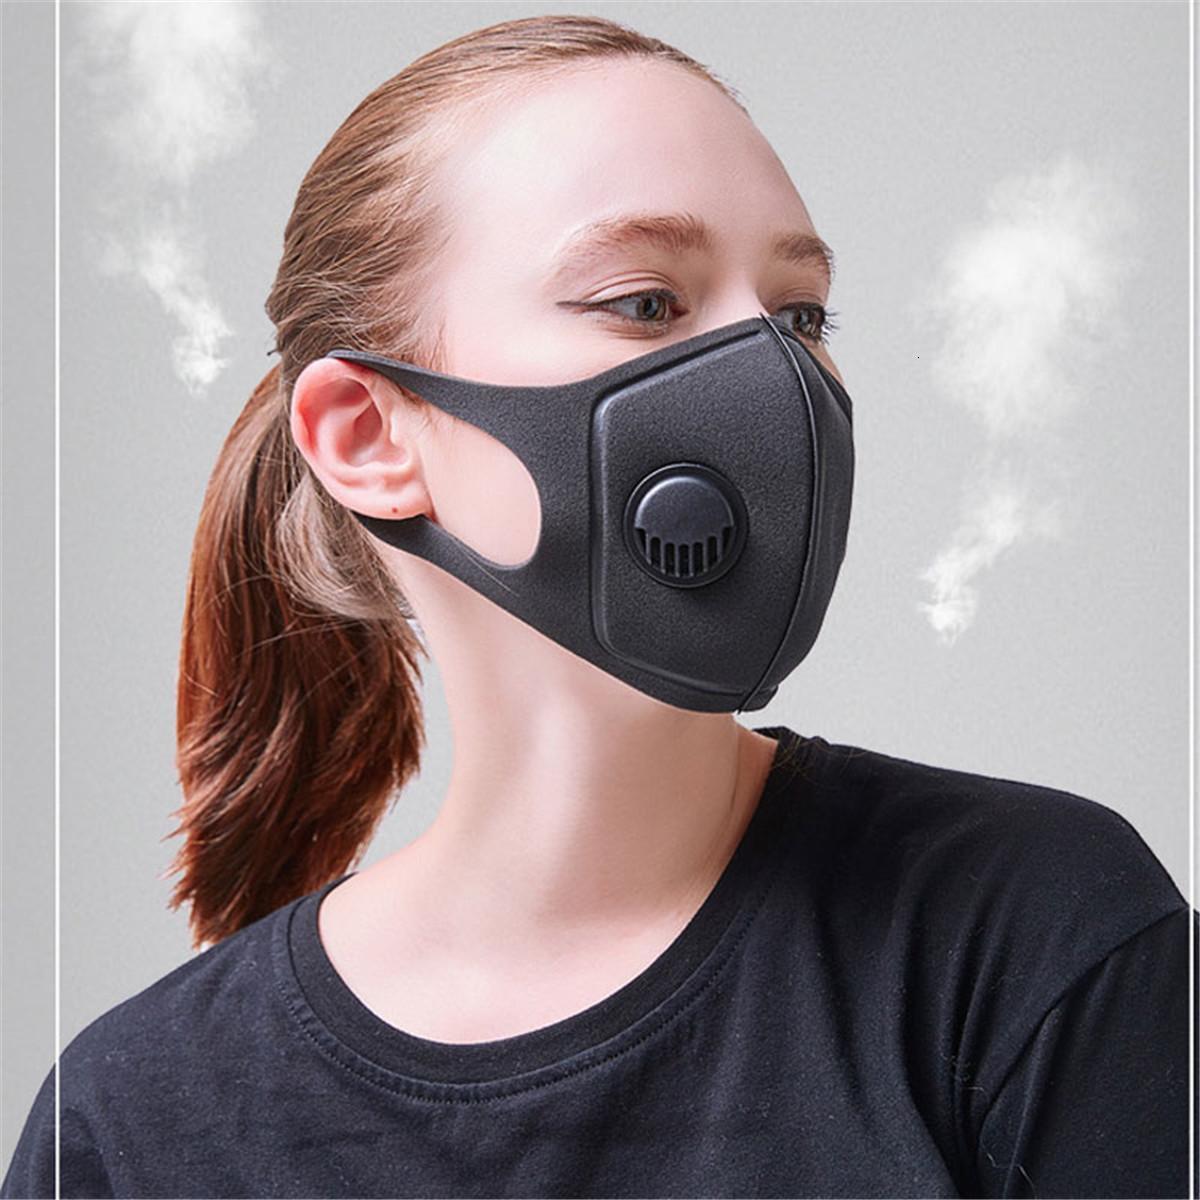 Schwarzwaschbarer Versand für Gesicht Atemmask-Ventilmaske mit Filter Anti-Dust und, Adju JZVP